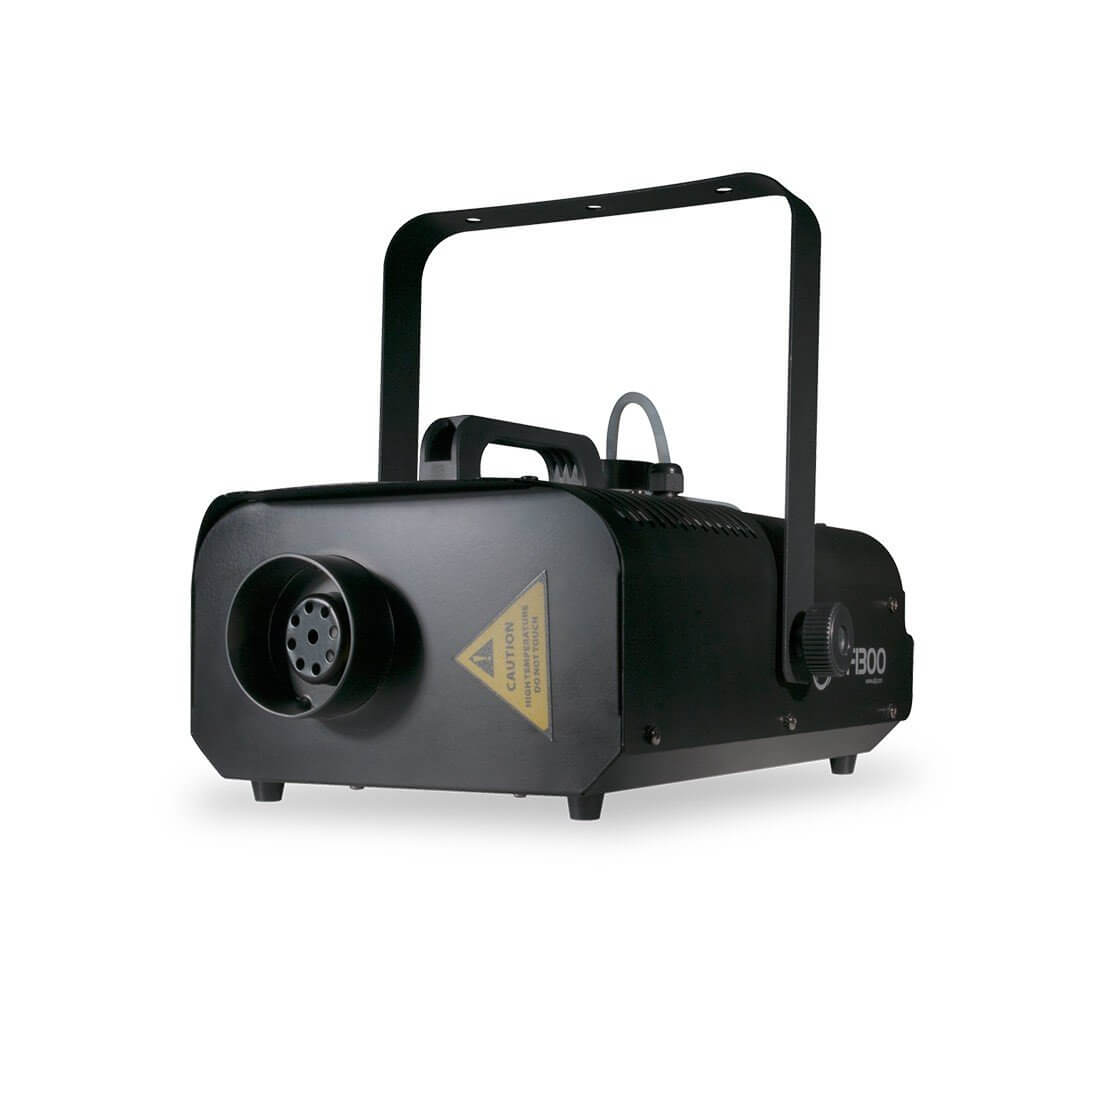 ADJ VF1300 Smoke Machine 1300W inc Wireless Remote